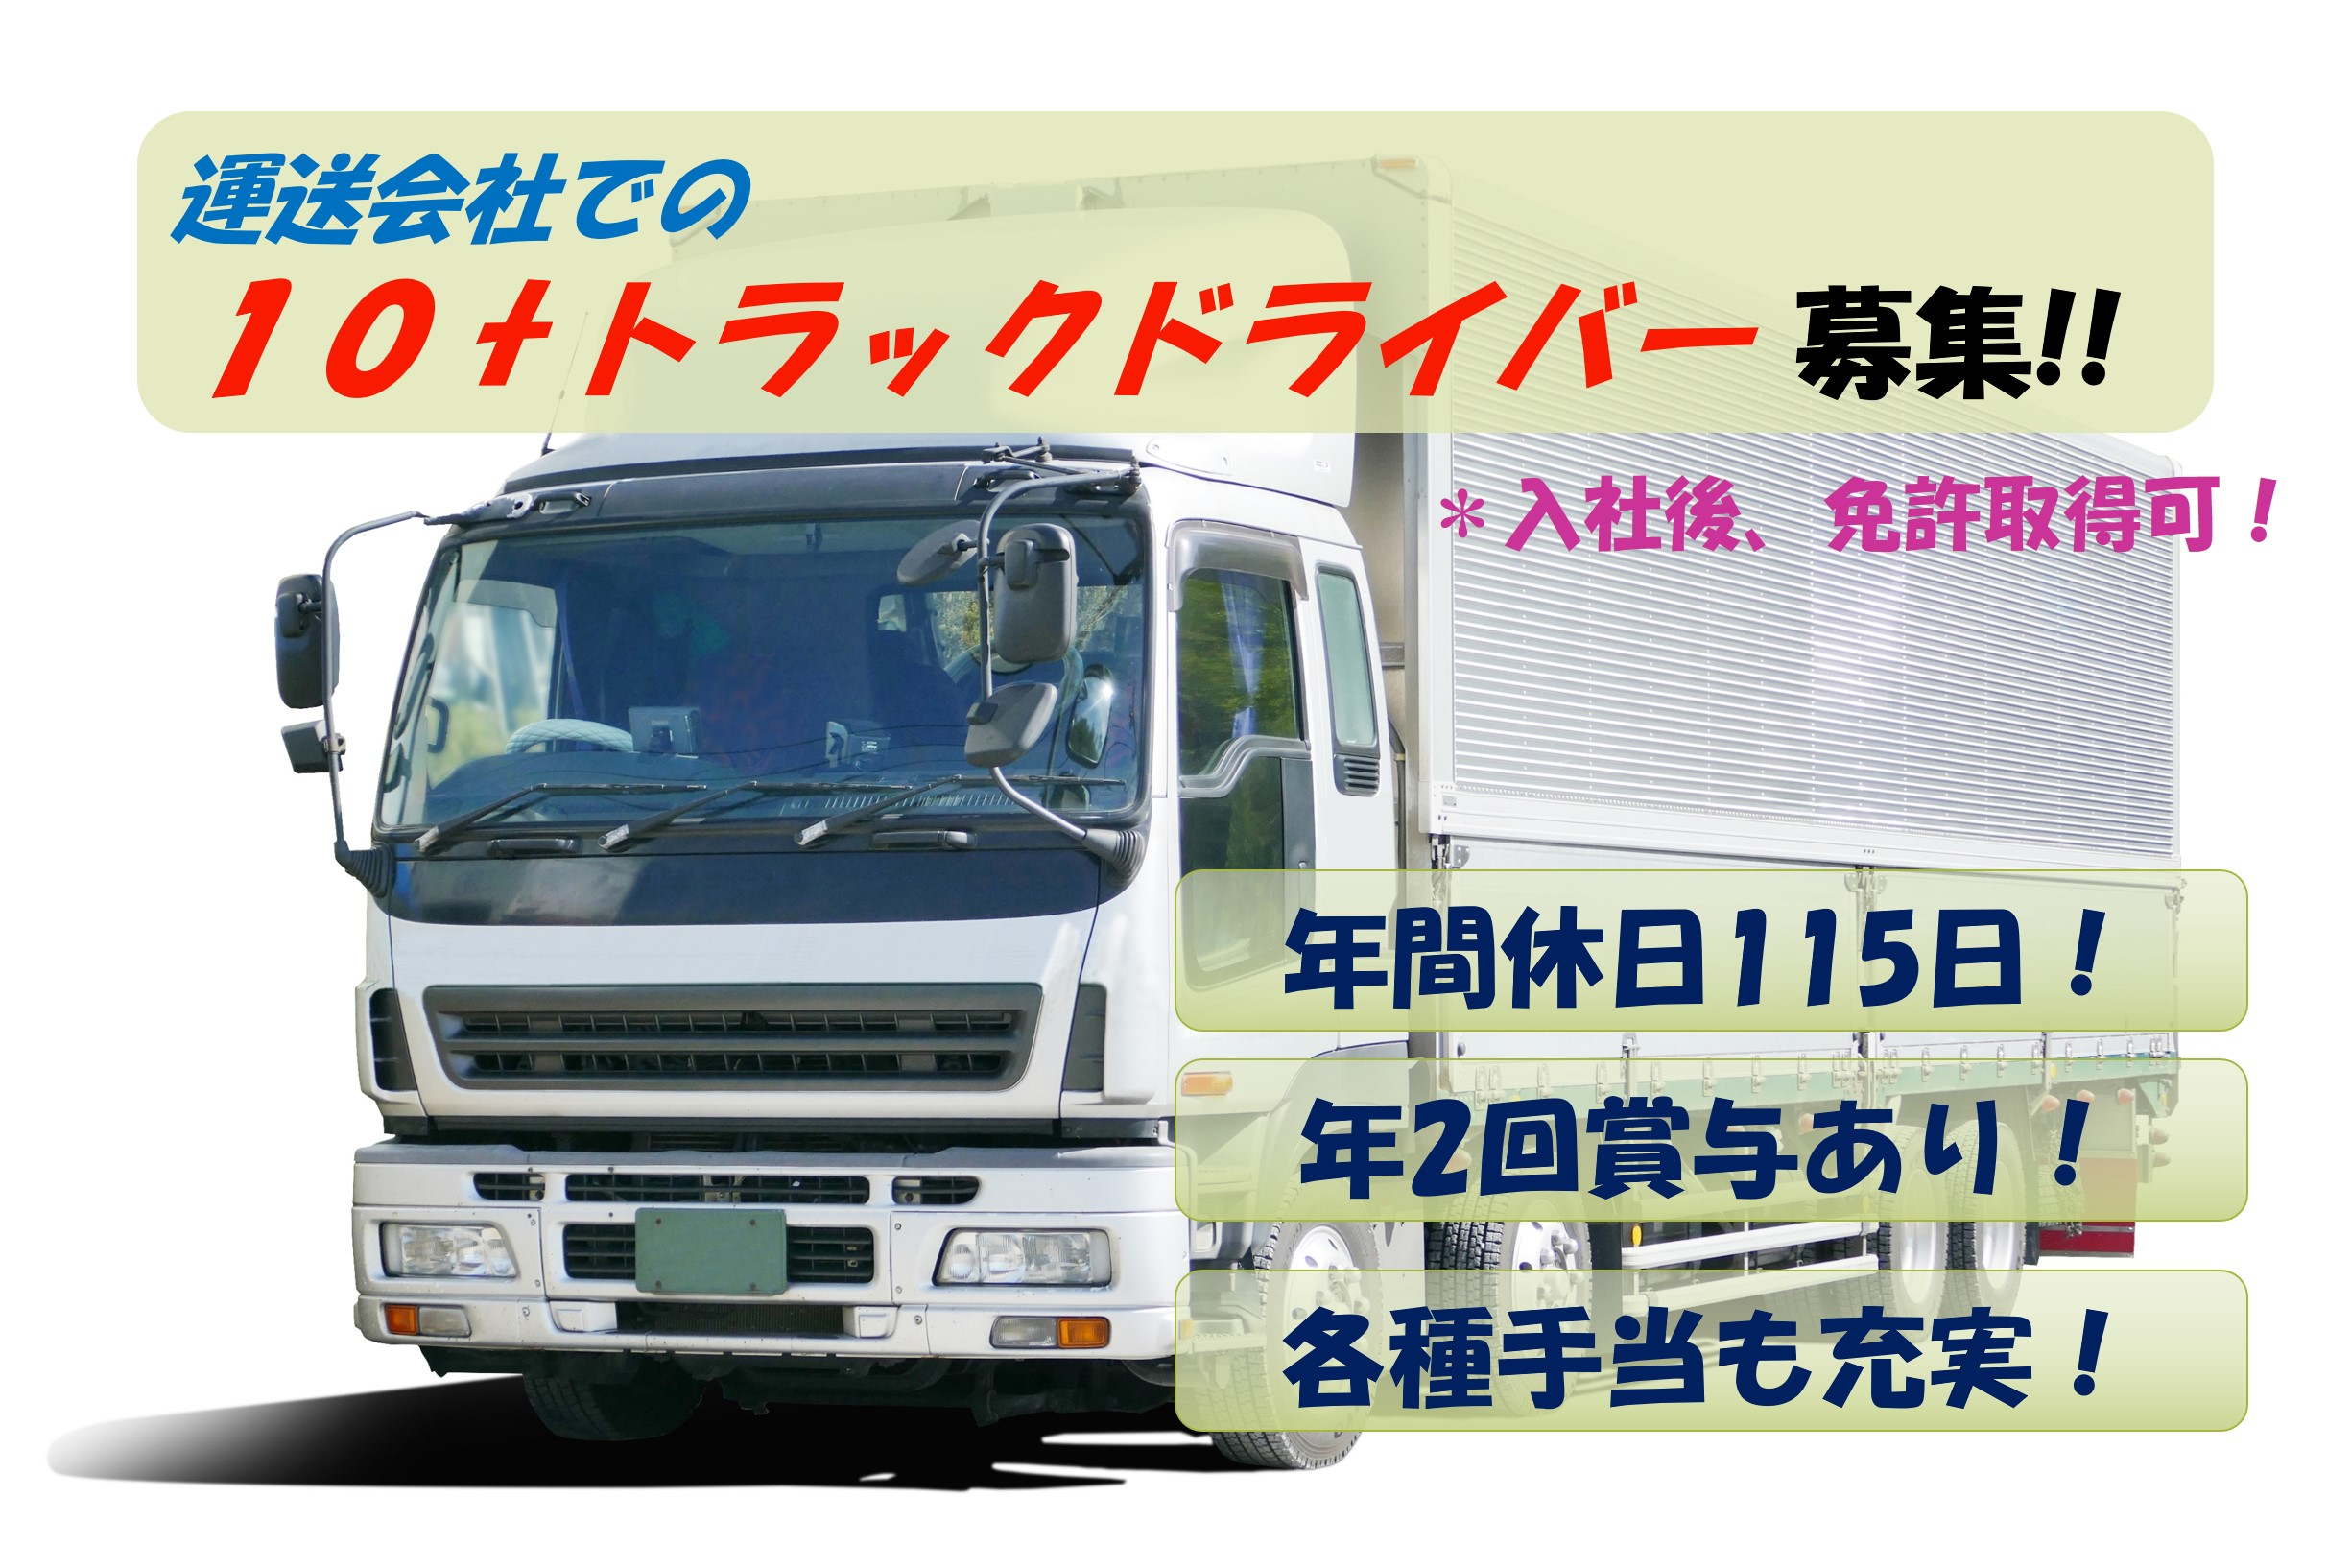 年間休日115日!年2回賞与あり! 運送会社での10tトラックドライバー募集 イメージ